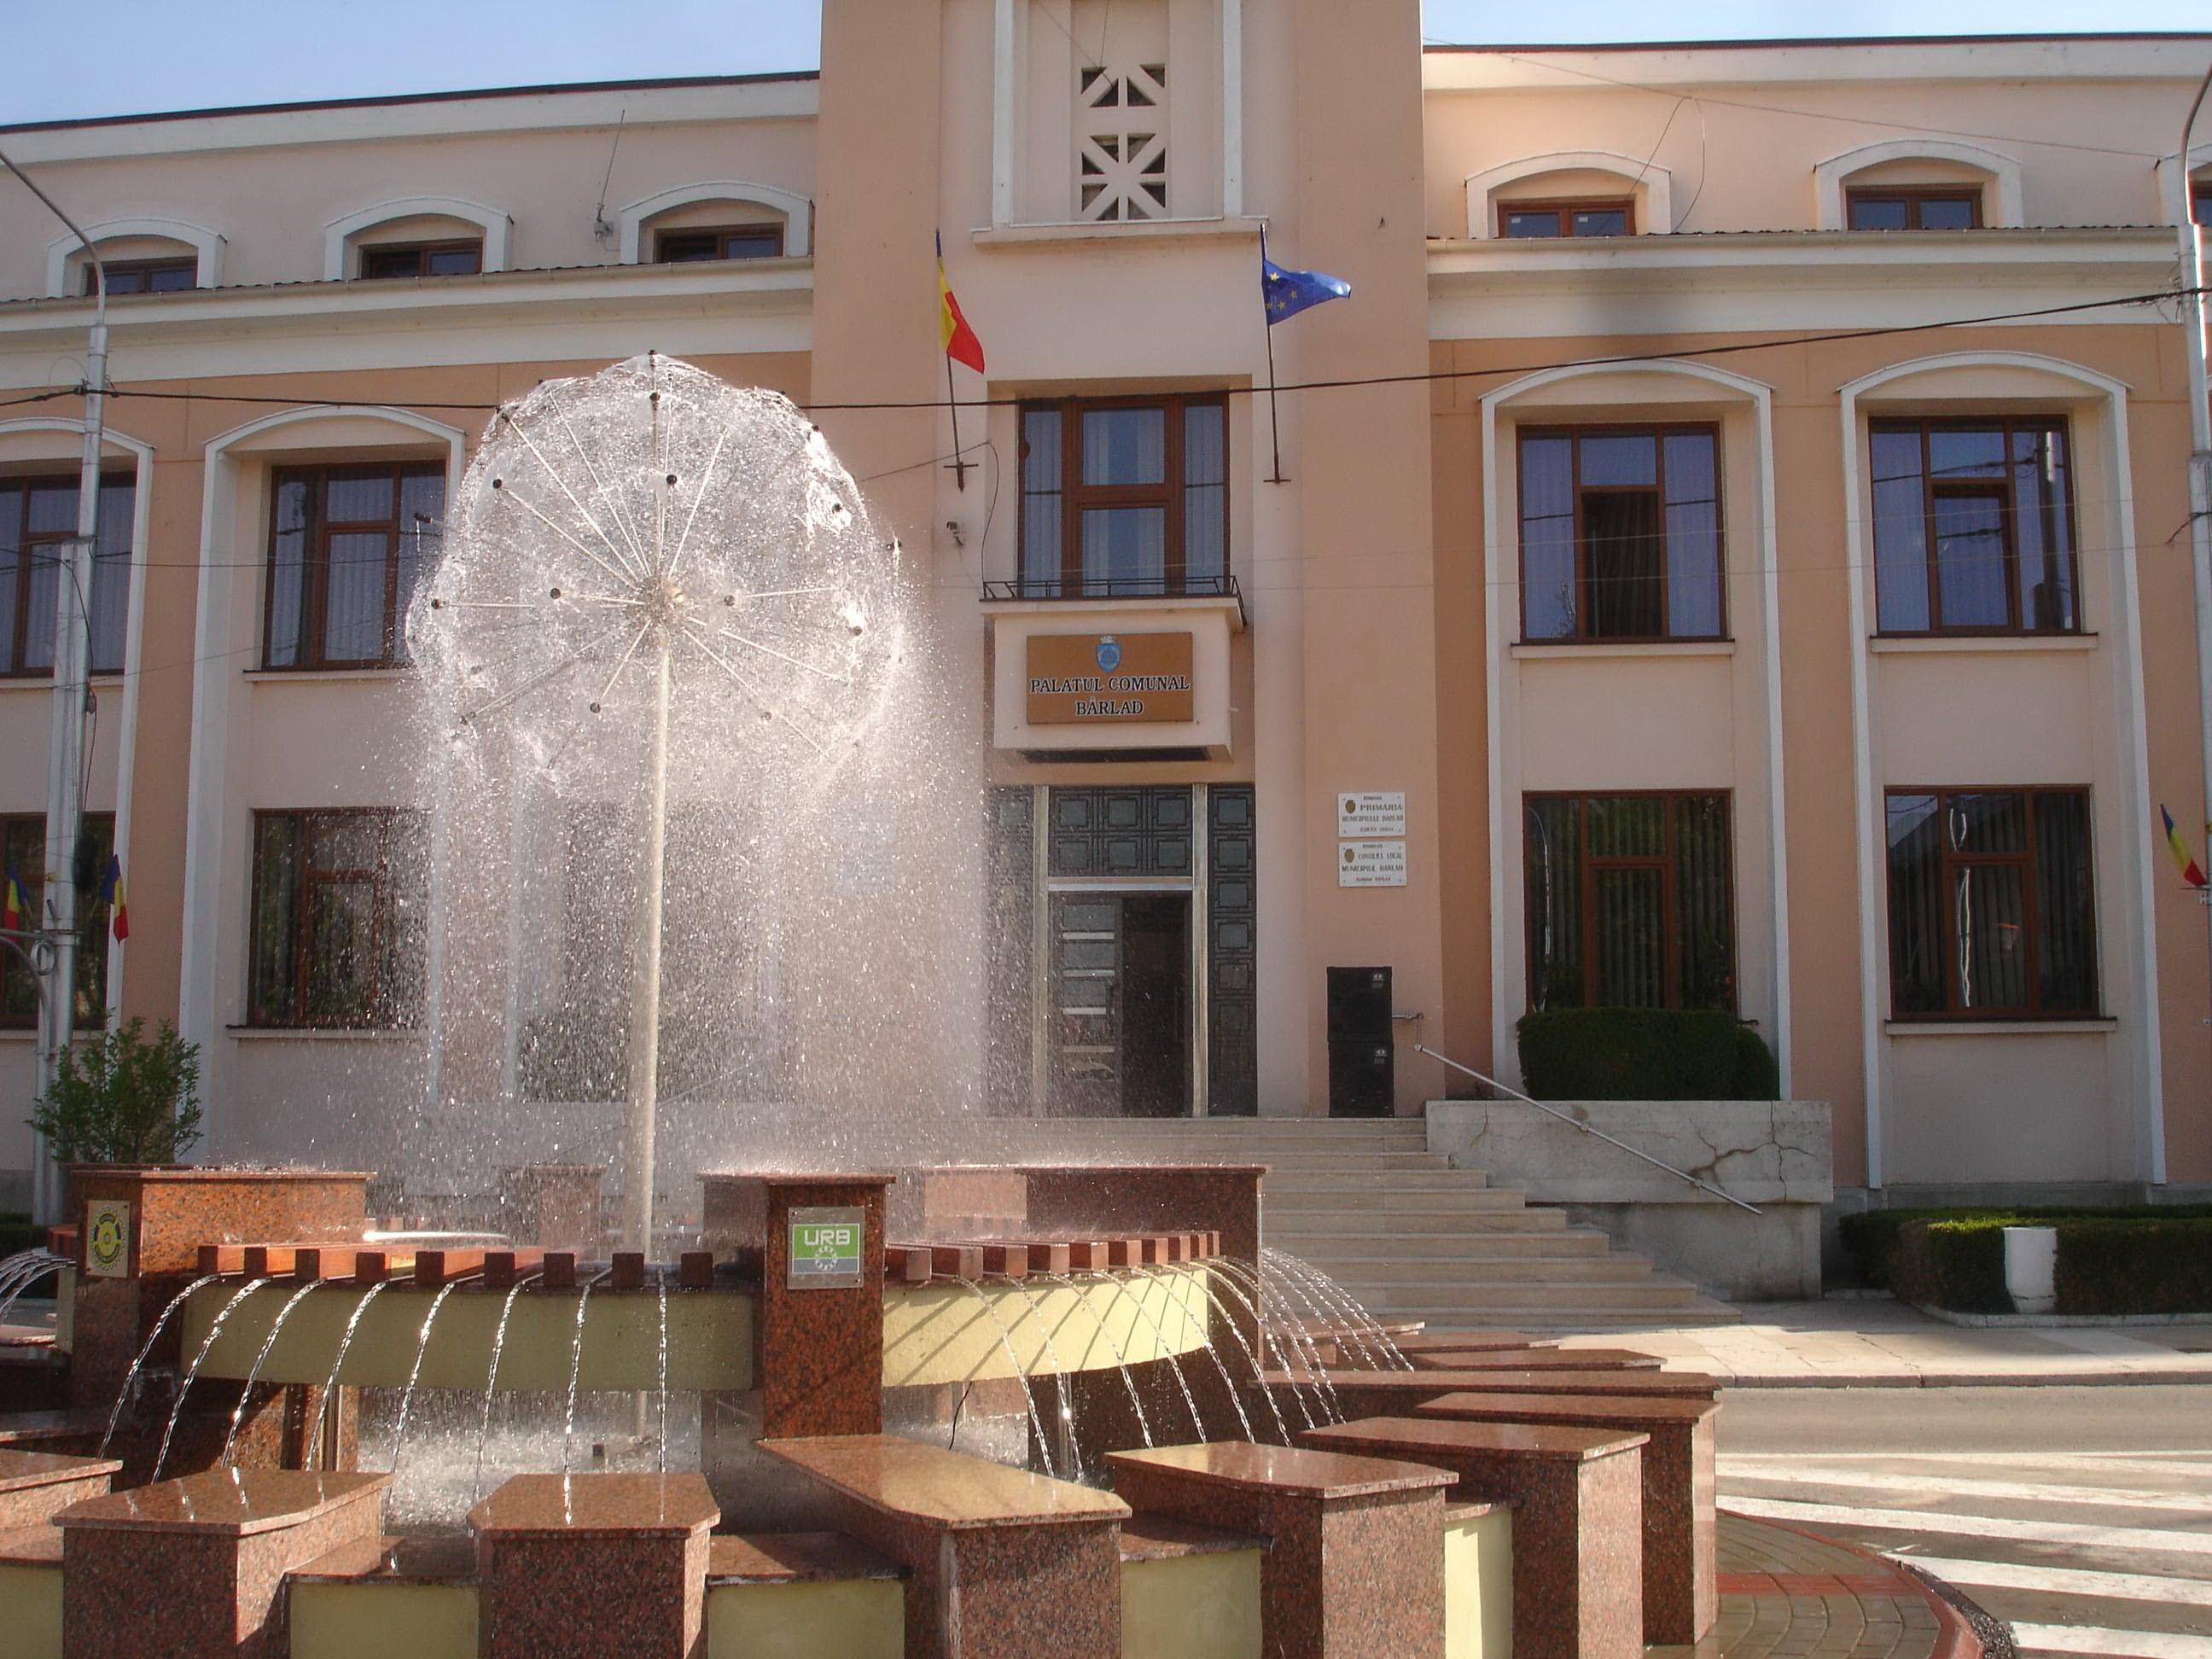 Proiectele depuse de Primãria Bârlad la ARDNE depãsesc 169 milioane de lei!